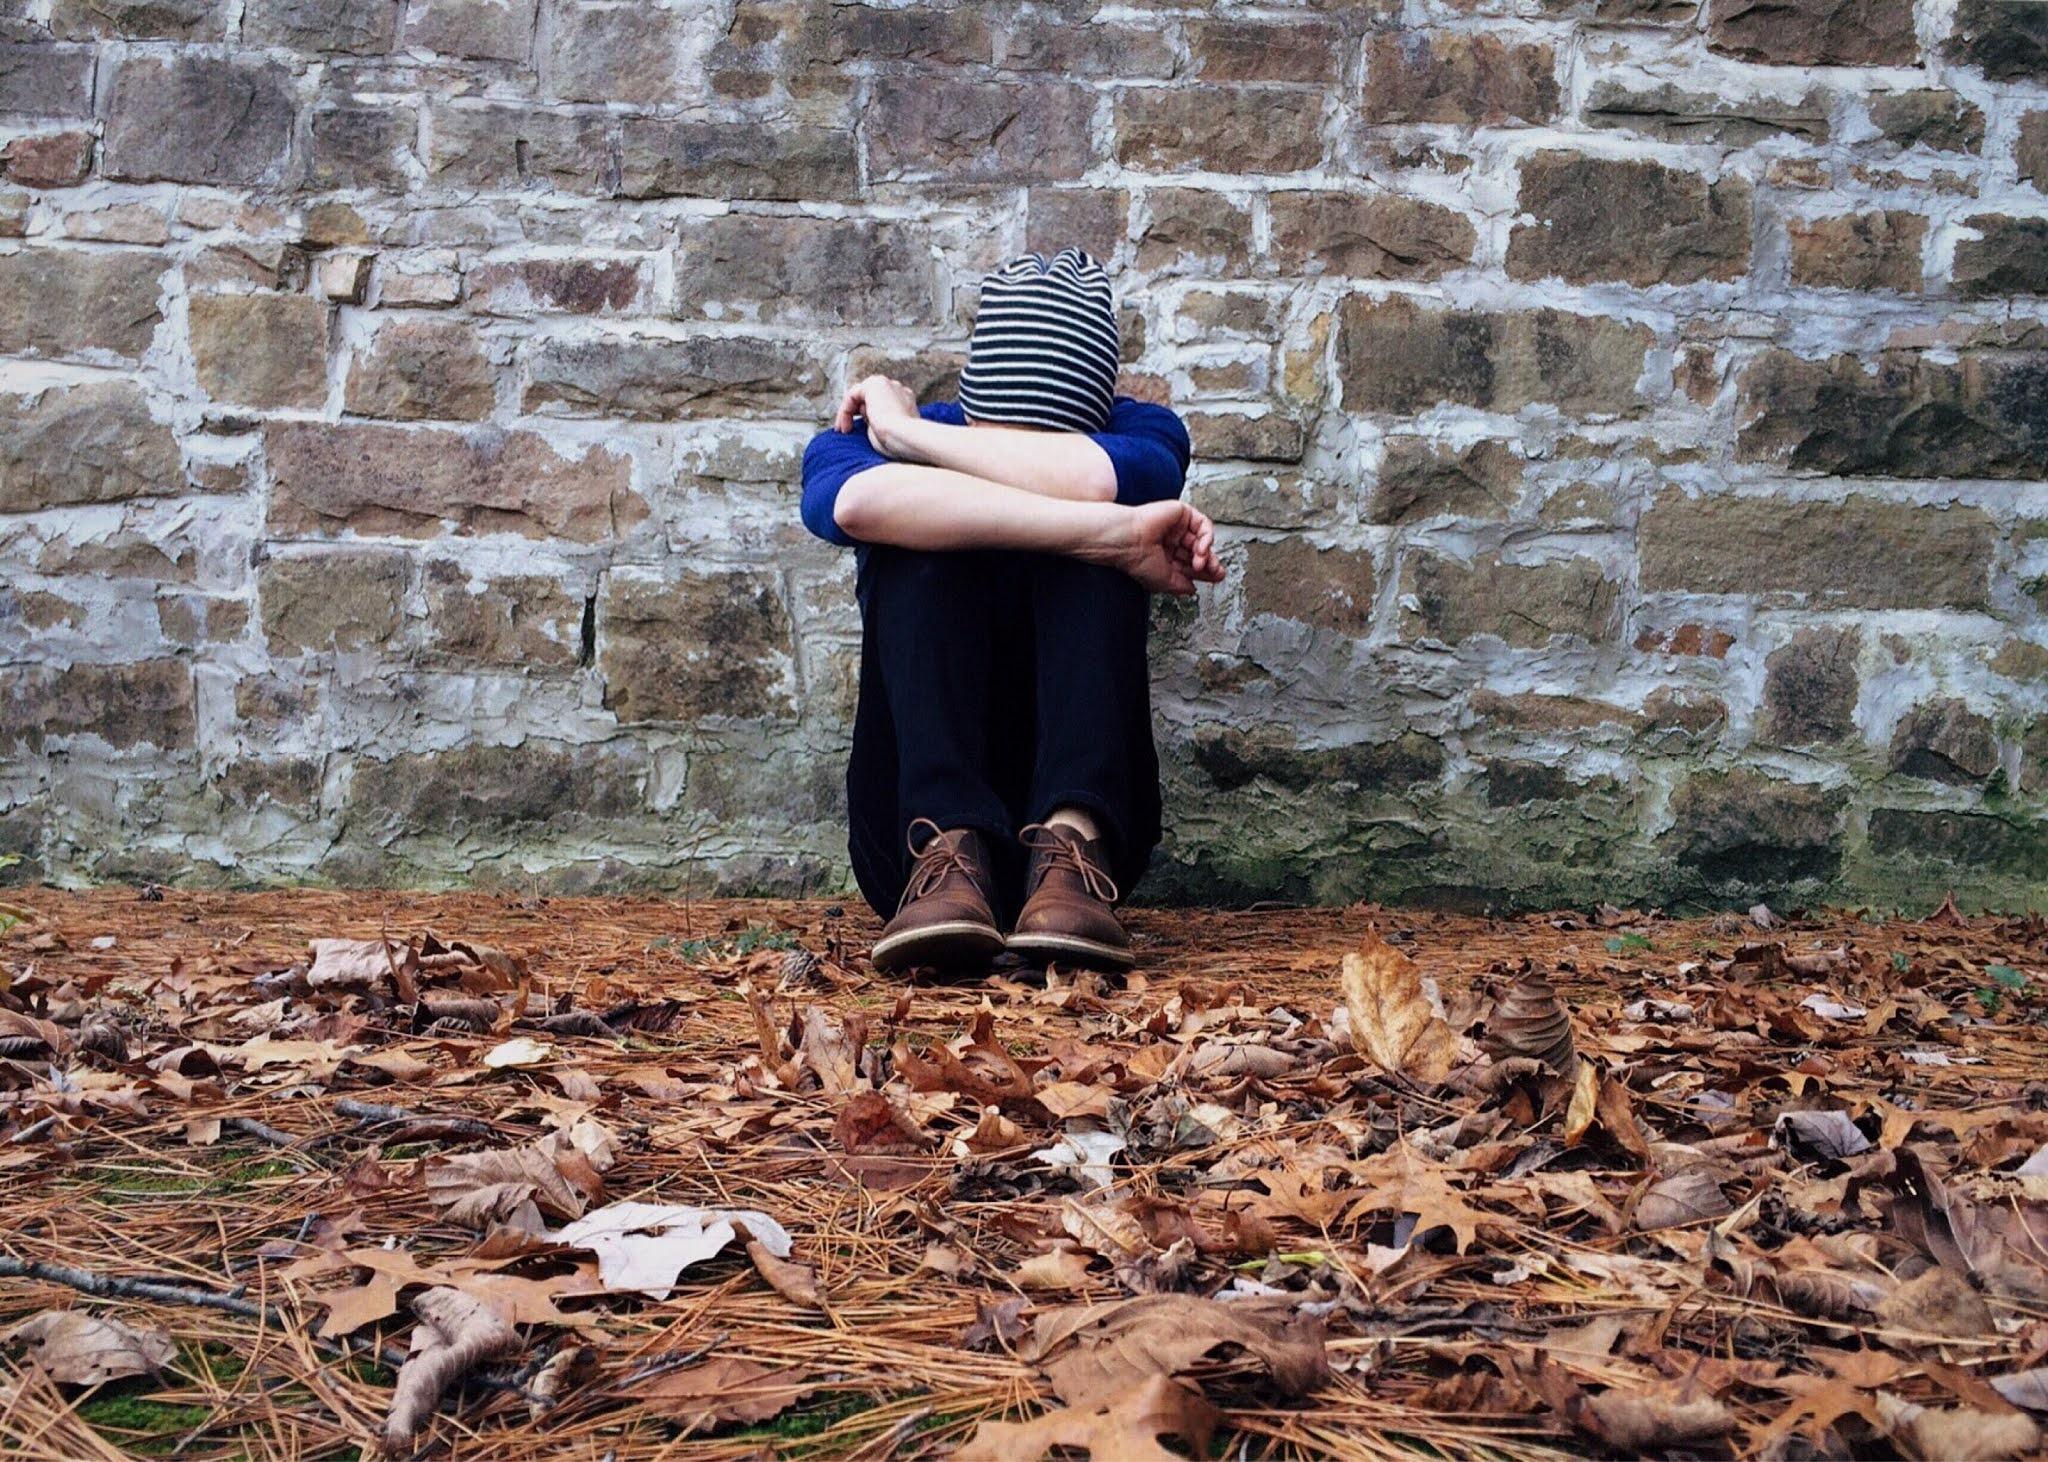 8 أطعمة  يمكن أن تساعد في محاربة الاكتئاب